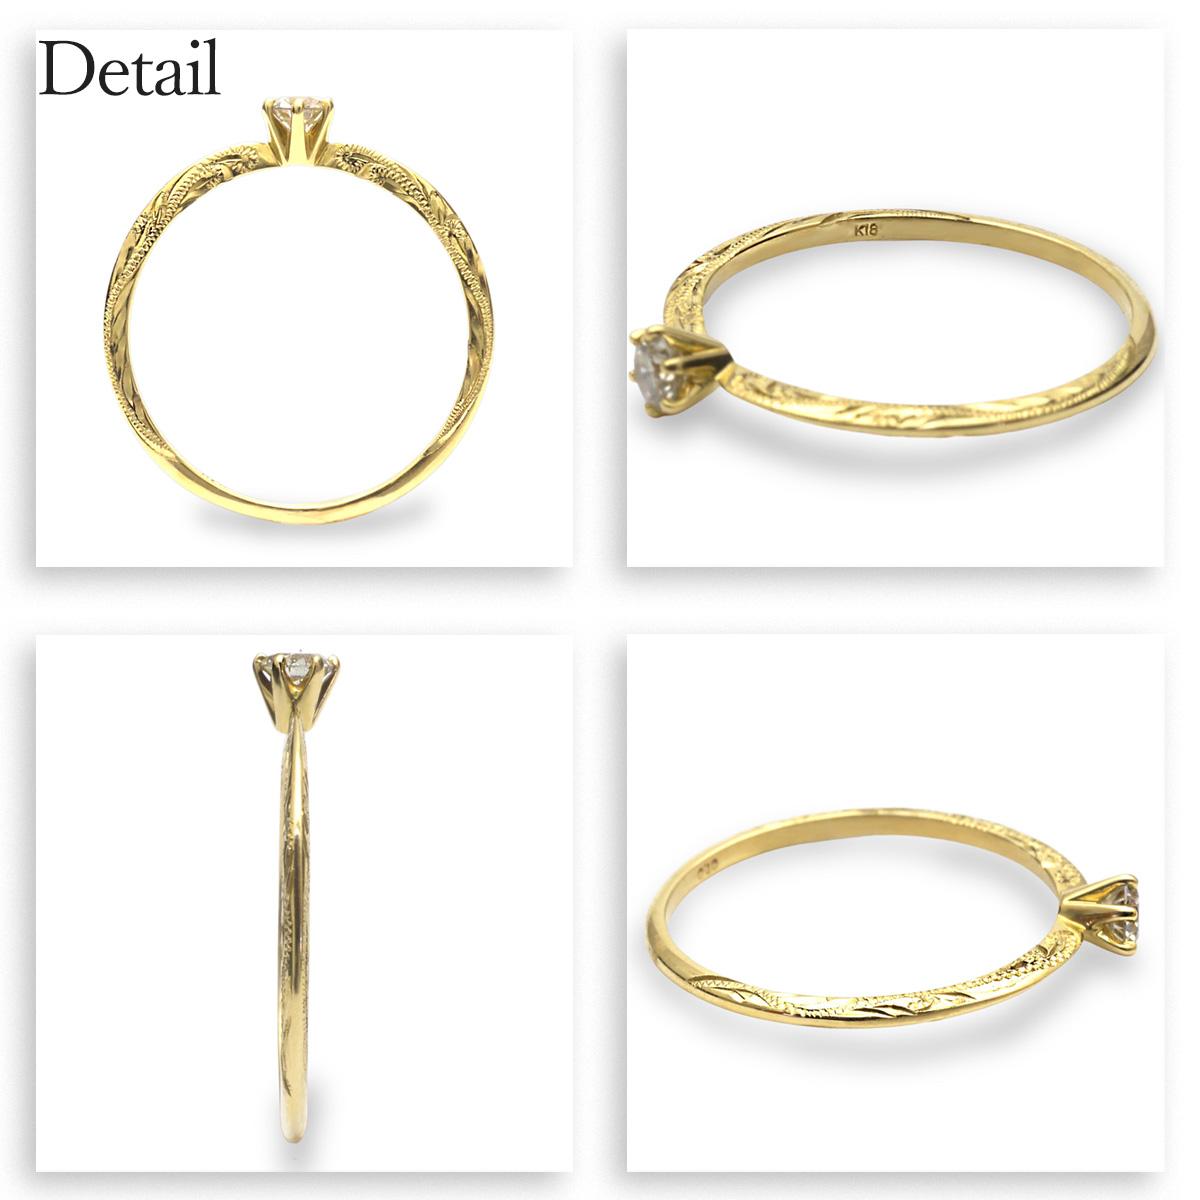 ハワイアンジュエリー リング 婚約指輪 K18 ゴールド スクロール ダイヤモンド  ゴールドリングエンゲージメント  0.1ct 鑑定書付き ari1634